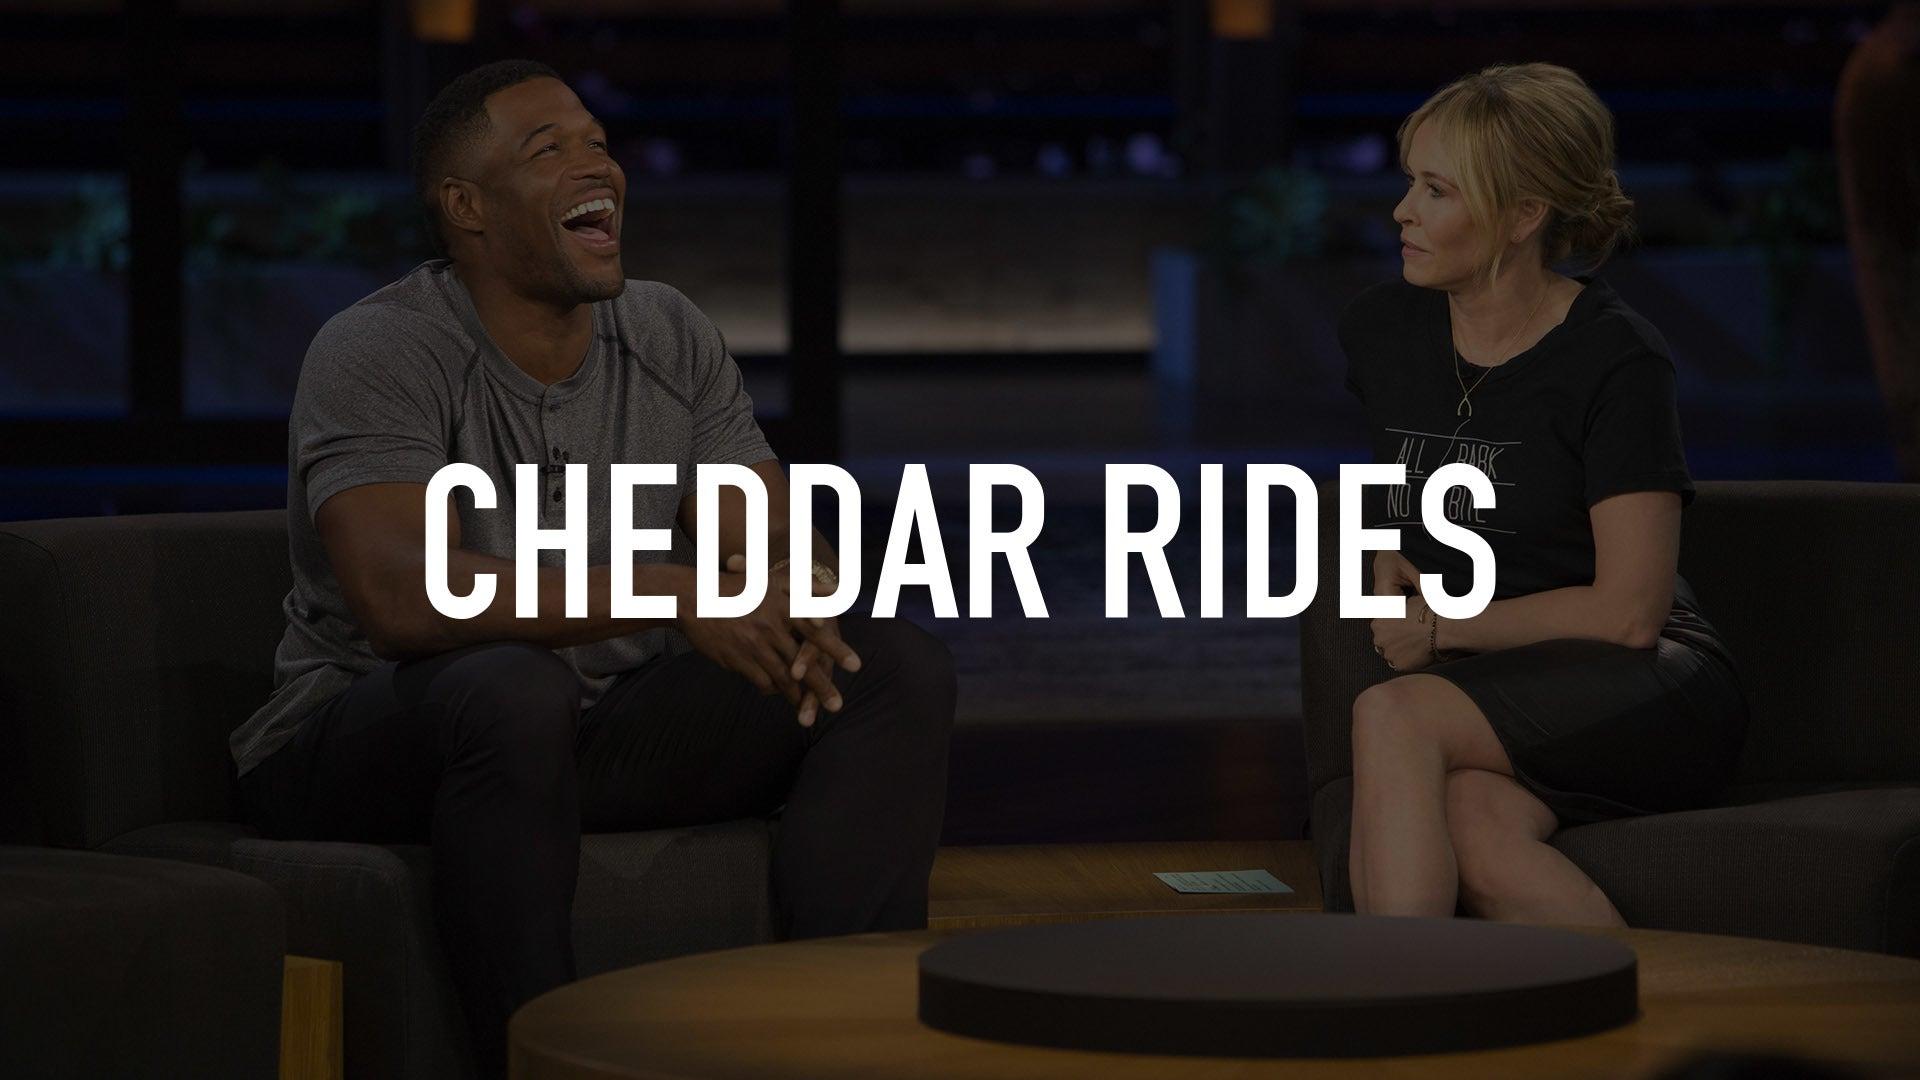 Cheddar Rides